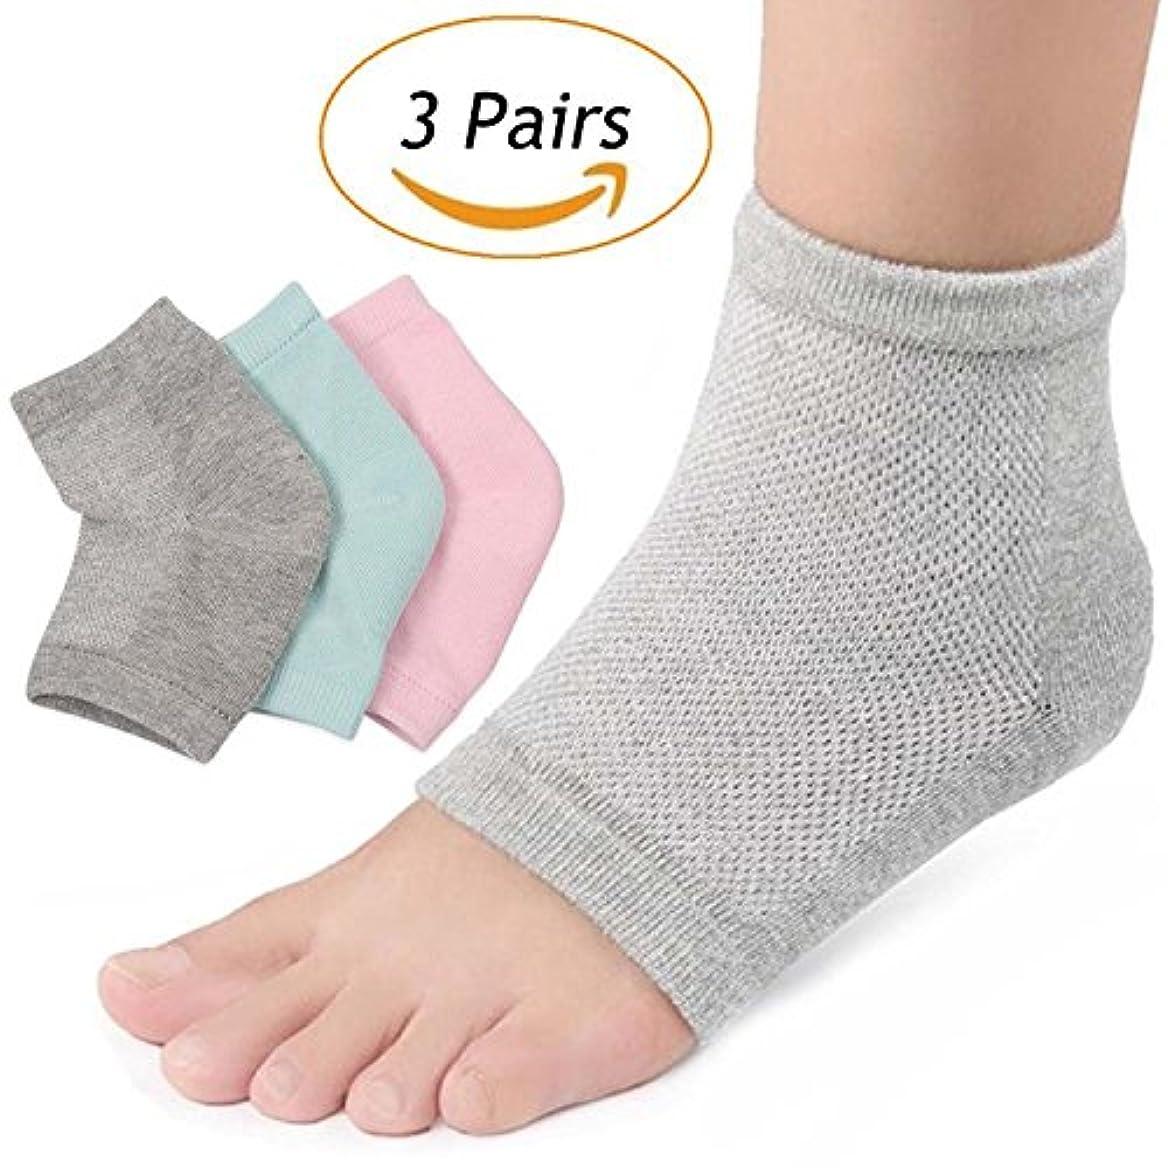 お世話になった強い遊びますLOVART'S BEAUTY かかと靴下 指なし つるつるソックス かかとカバー メッシュ ケア 美脚 3足セット